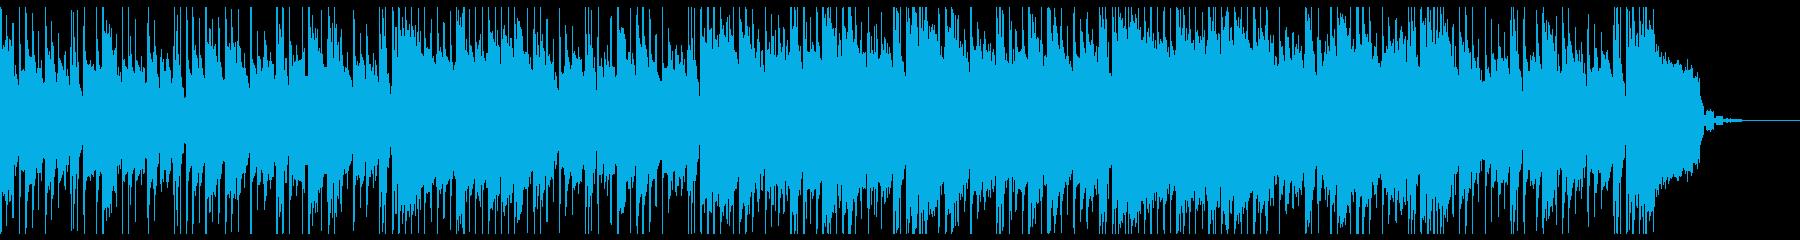 アドレナリン! 重厚なハードロックの再生済みの波形